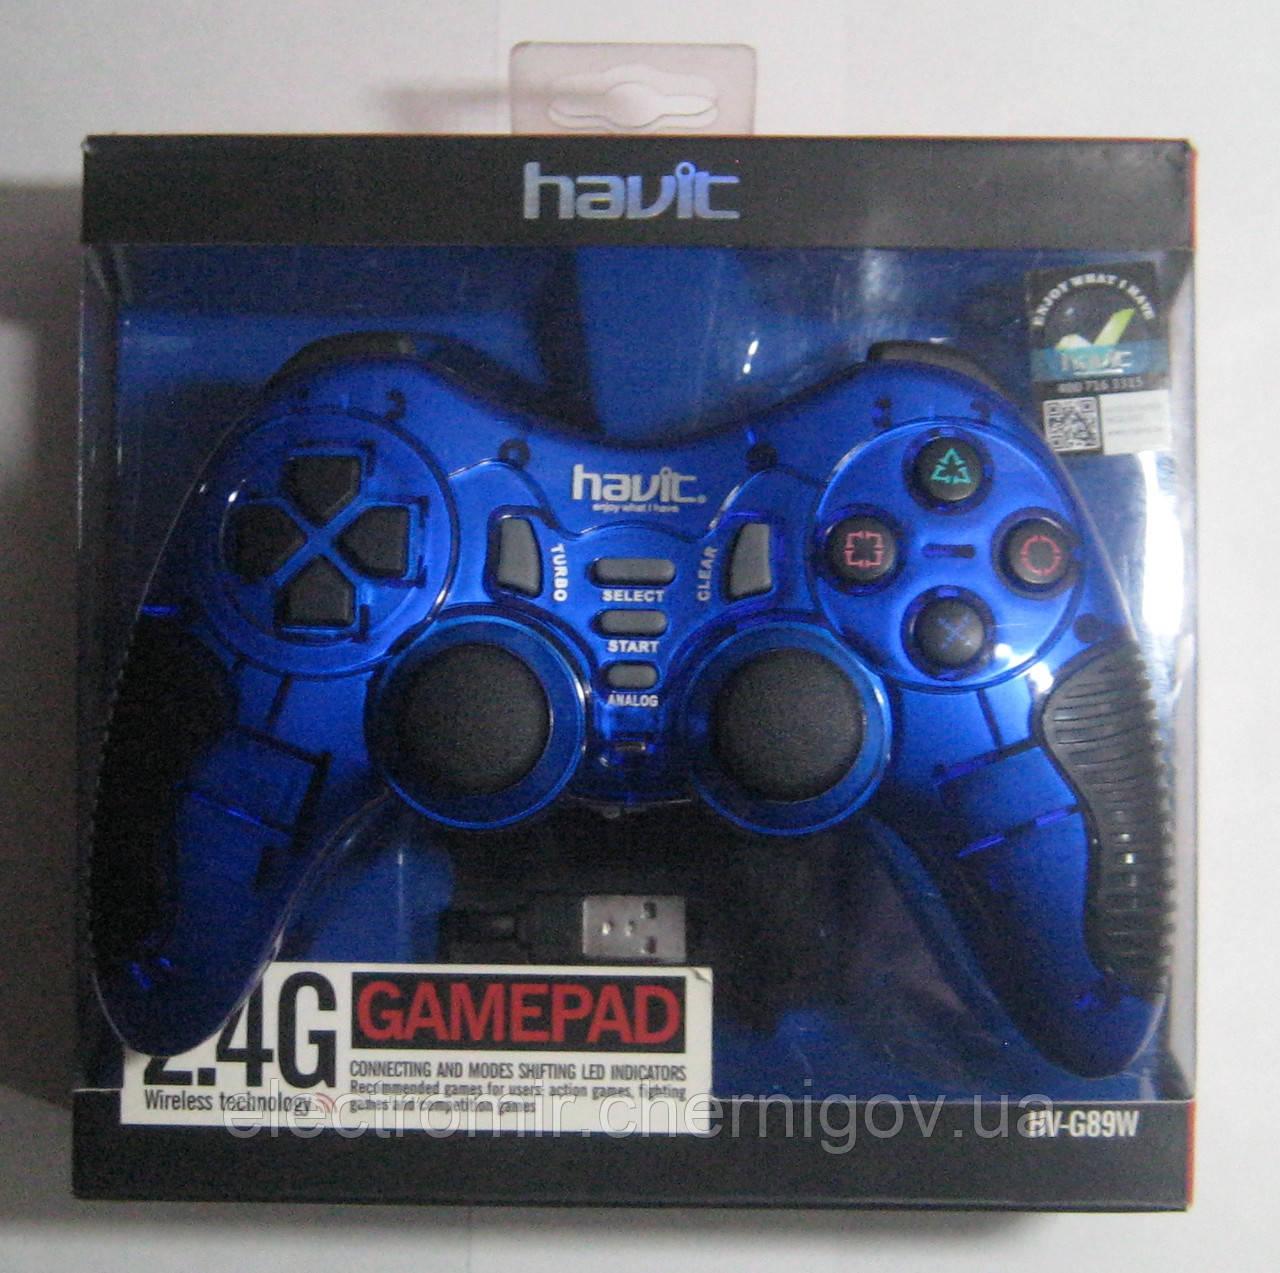 Геймпад компьютерный беспроводной Havit HV-G89W USB+PS2+PS3 (синий)